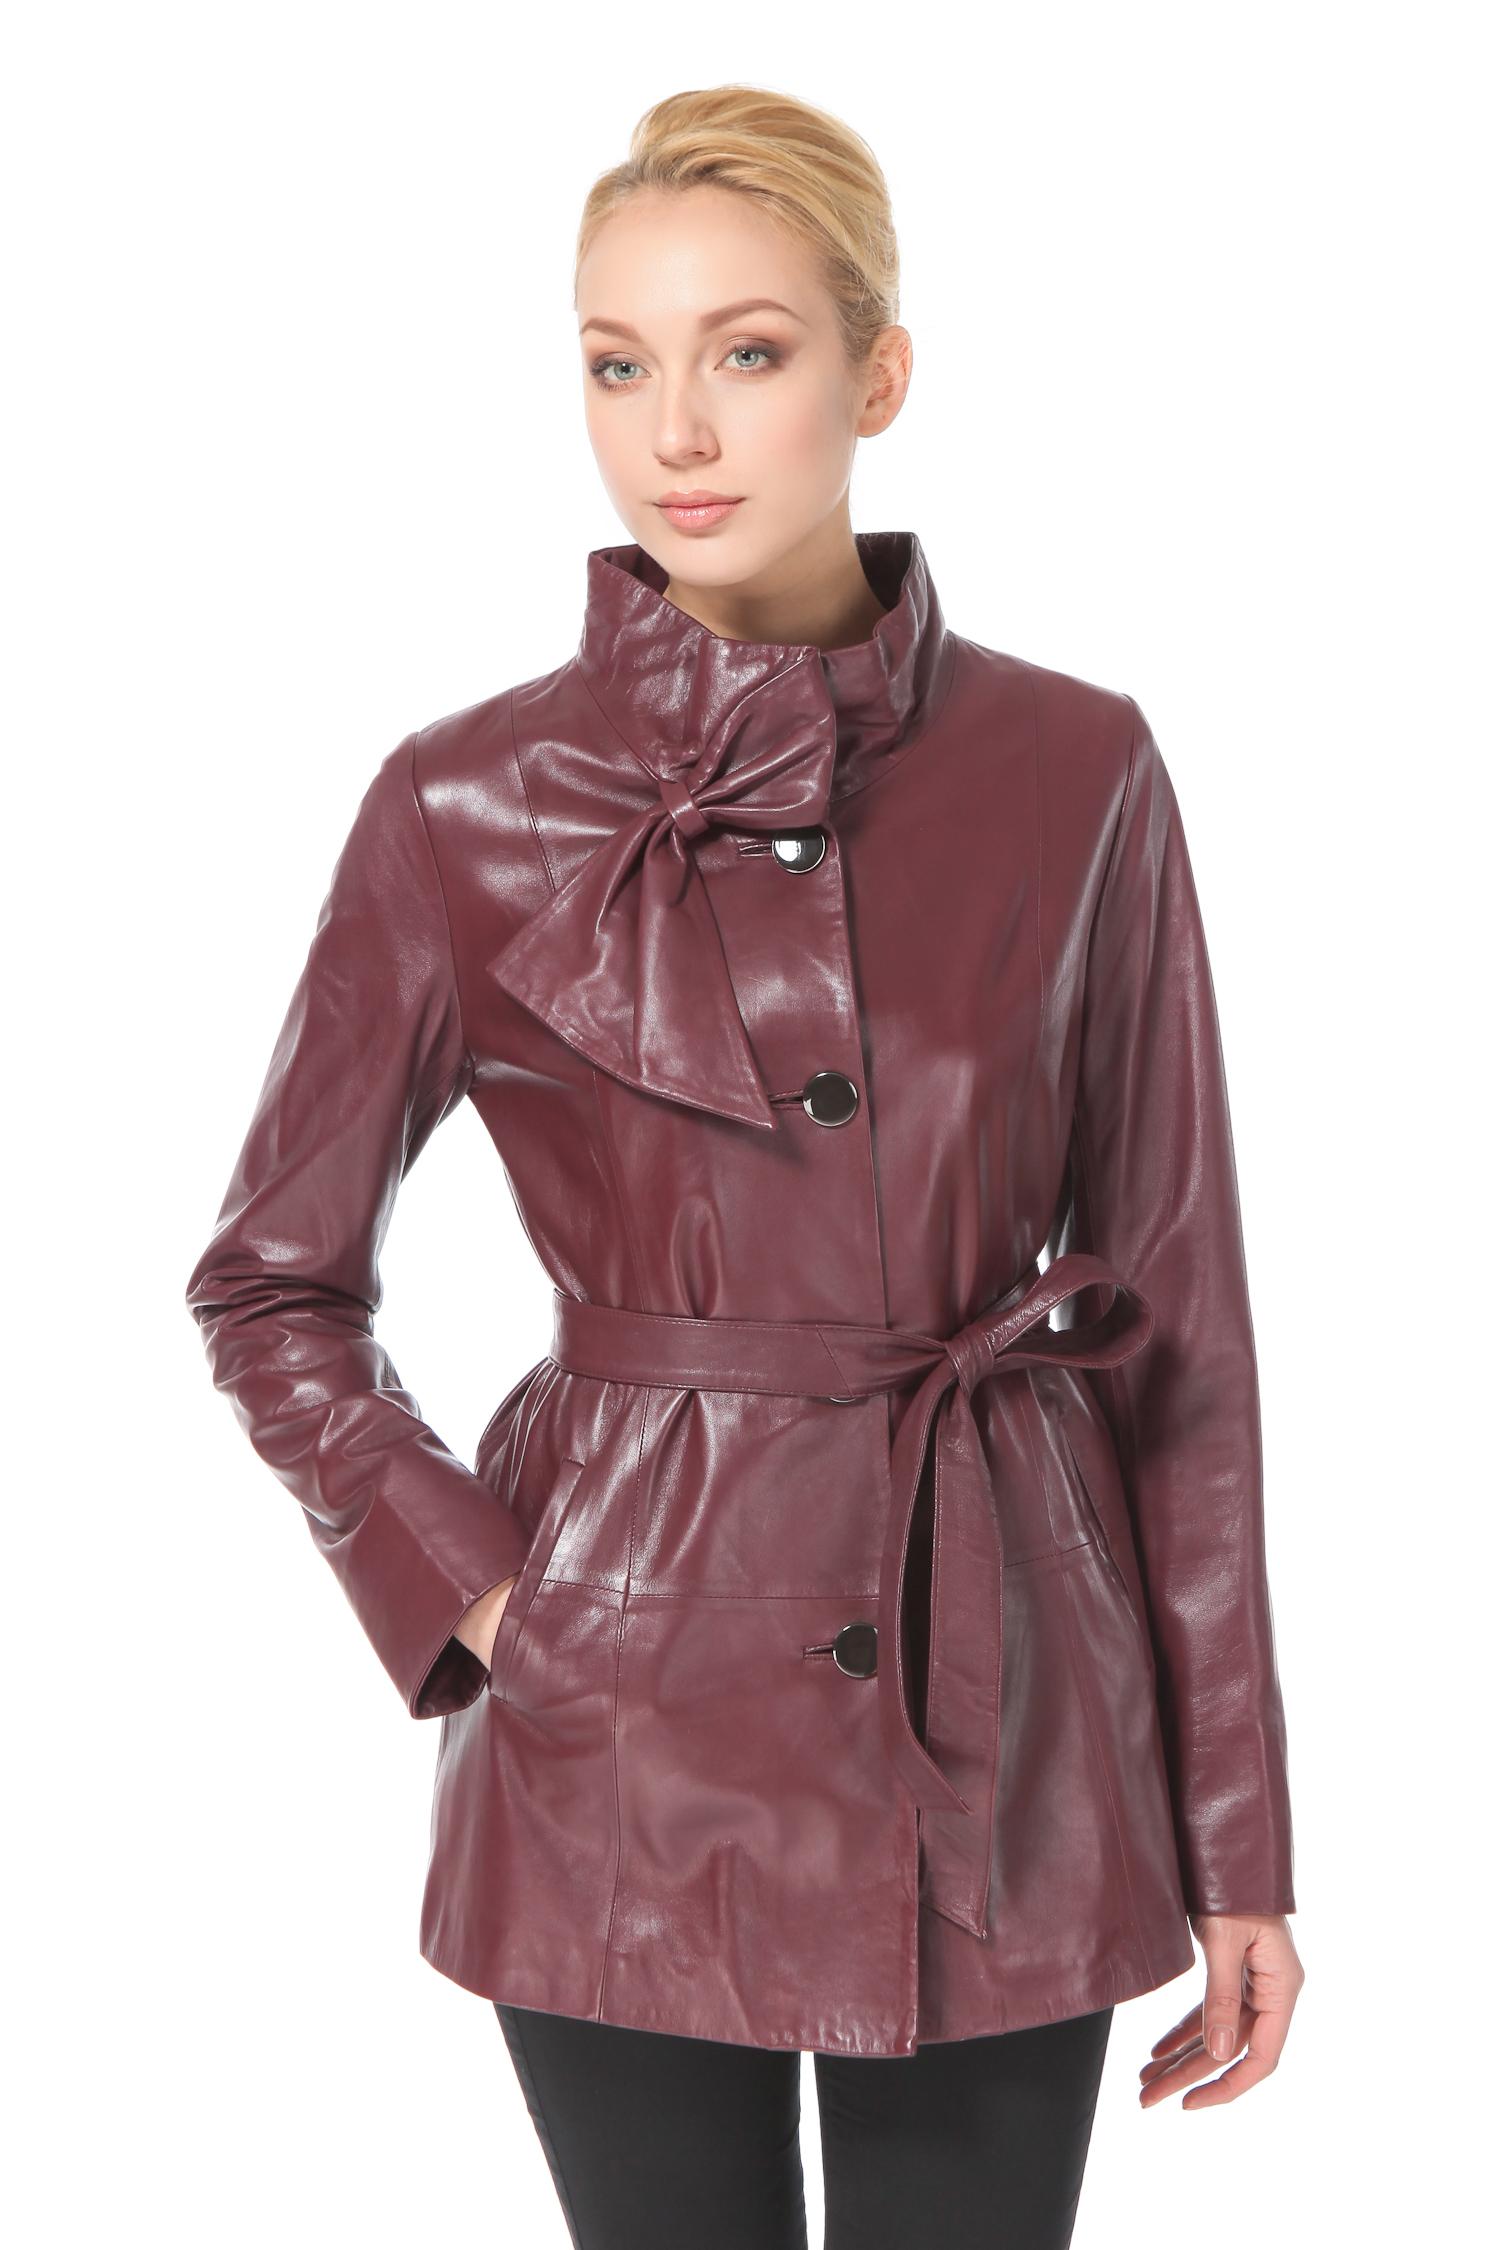 Женская кожаная куртка из натуральной кожи с воротником, без отделкиЦвет – бургундский (благородно-бордовый).Модель выполнена в ретро-стиле 50-60-х годов прошлого столетия, что очень актуально в предстоящем сезоне. Изделие средней длины, в меру стильное и романтичное, удачно подчеркивает пропорции фигуры. Мягкий воротник-стойка и глубокий насыщенный цвет делают образ очень женственным и чувственным. Изюминкой модели является кокетливый декор в виде изящного банта. Контрастные пуговицы добавляют образу выразительность, одновременно визуально вытягивая силуэт. Мягкий пояс в тон изделия придает силуэту женственность, акцентируя внимание на элегантной линии бедра, одинаково безупречно она смотрится и без этого аксессуара. Обладательница модели каждый день будет ловить на себе восхищенные взгляды окружающих.<br><br>Воротник: стойка<br>Длина см: Средняя (75-89 )<br>Материал: Кожа овчина<br>Цвет: бордовый<br>Вид застежки: центральная<br>Застежка: на пуговицы<br>Пол: Женский<br>Размер RU: 46